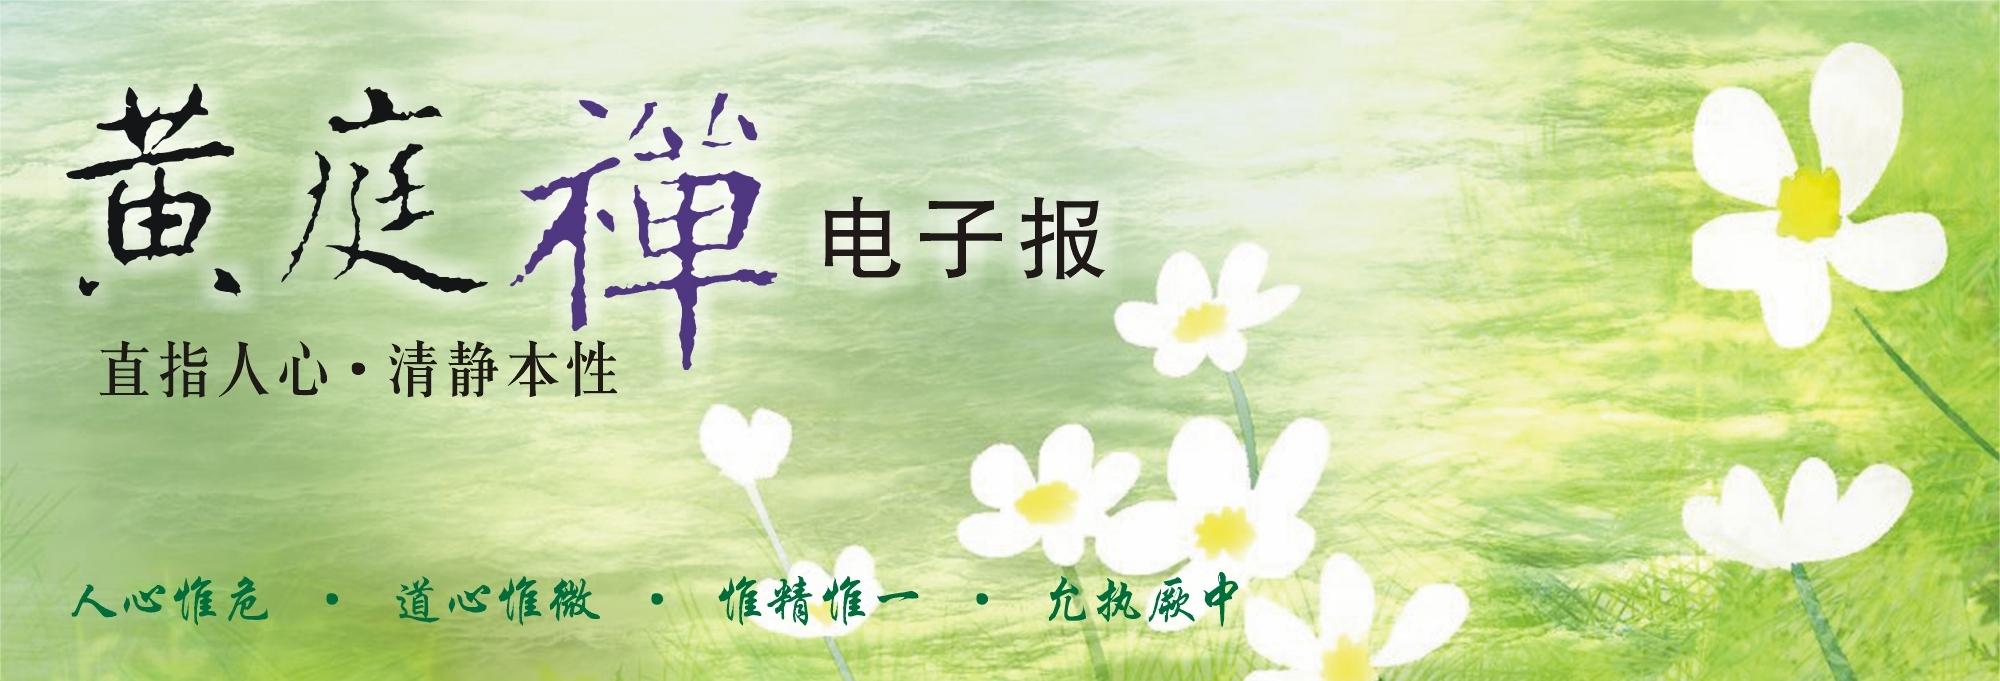 中华黄庭禅学会2019.05.11电子报